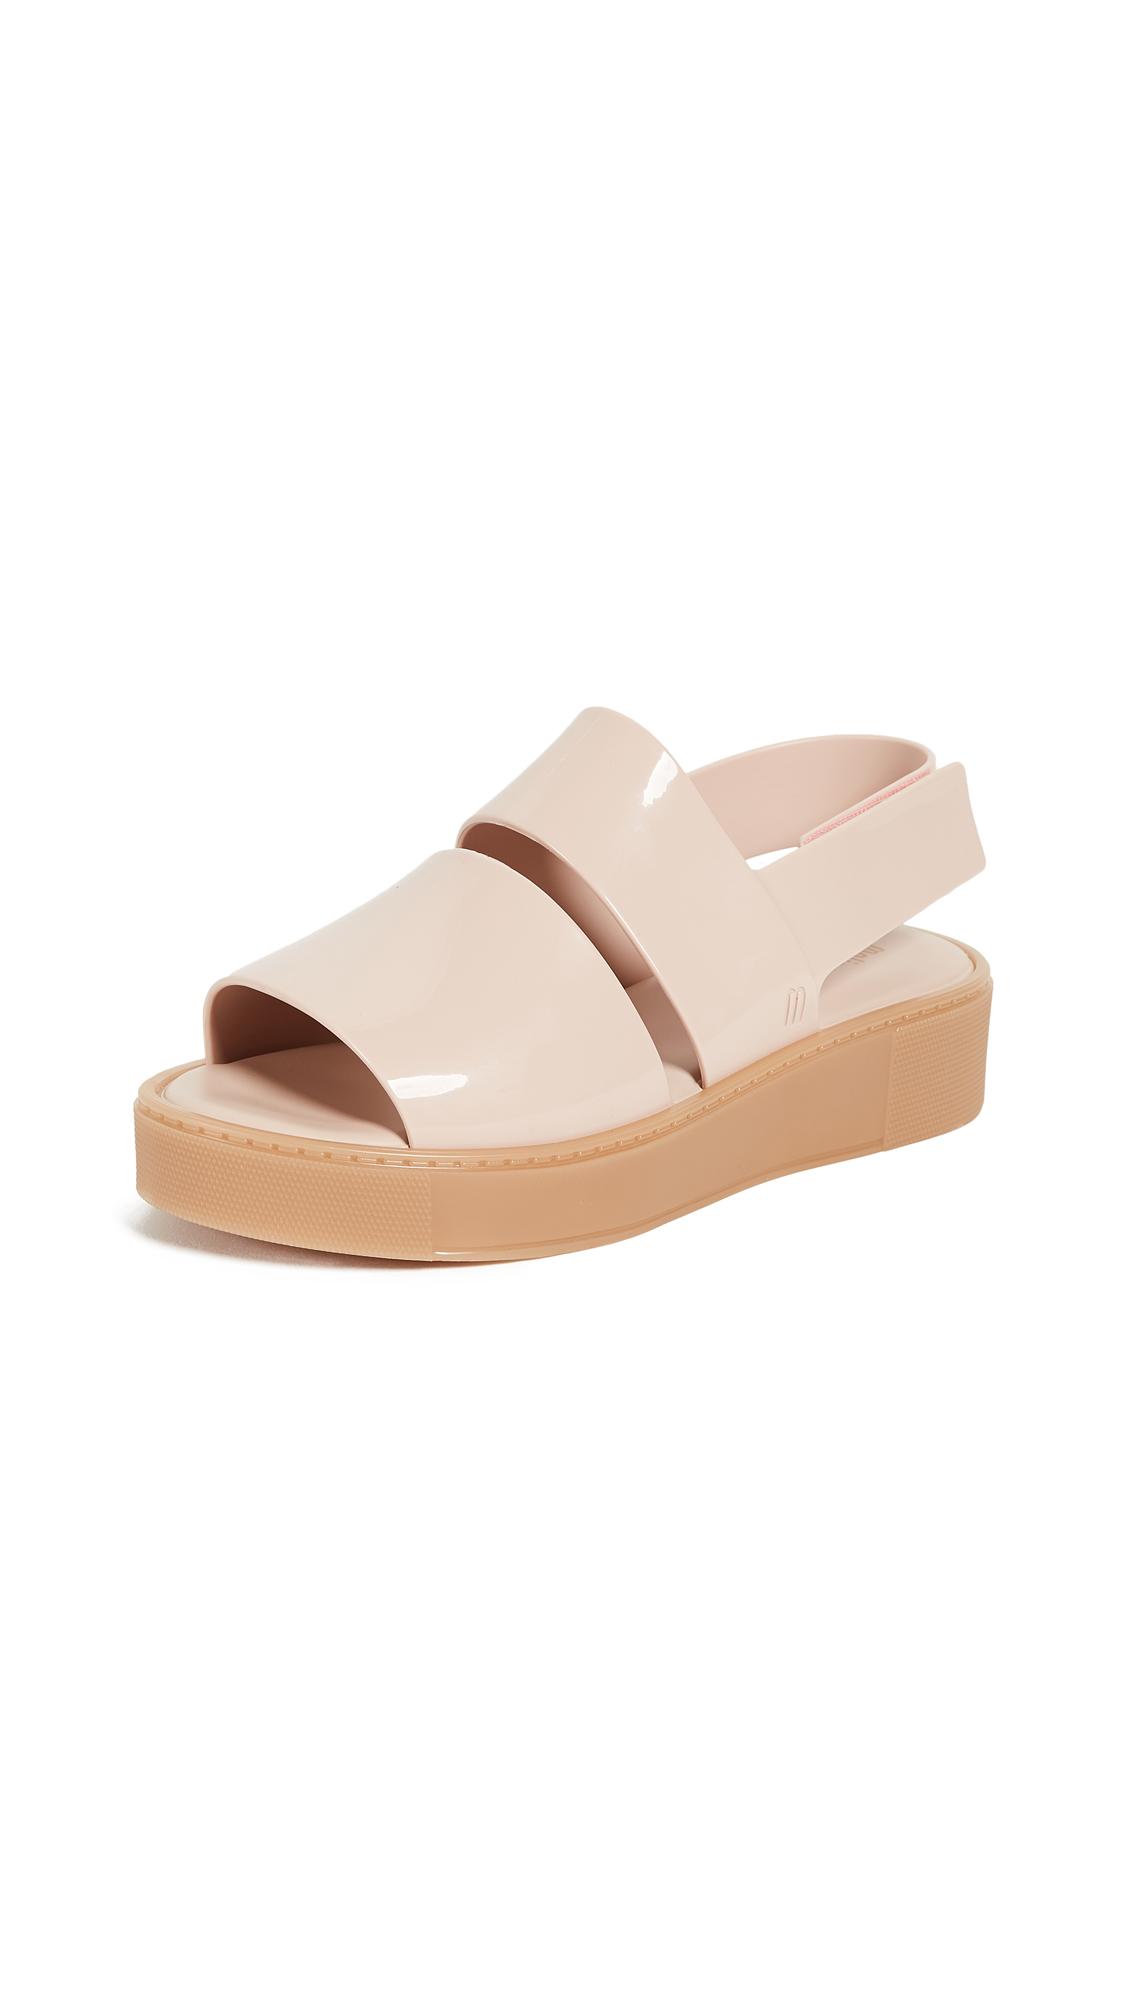 Melissa Soho Platform Sandals - Pink/Beige